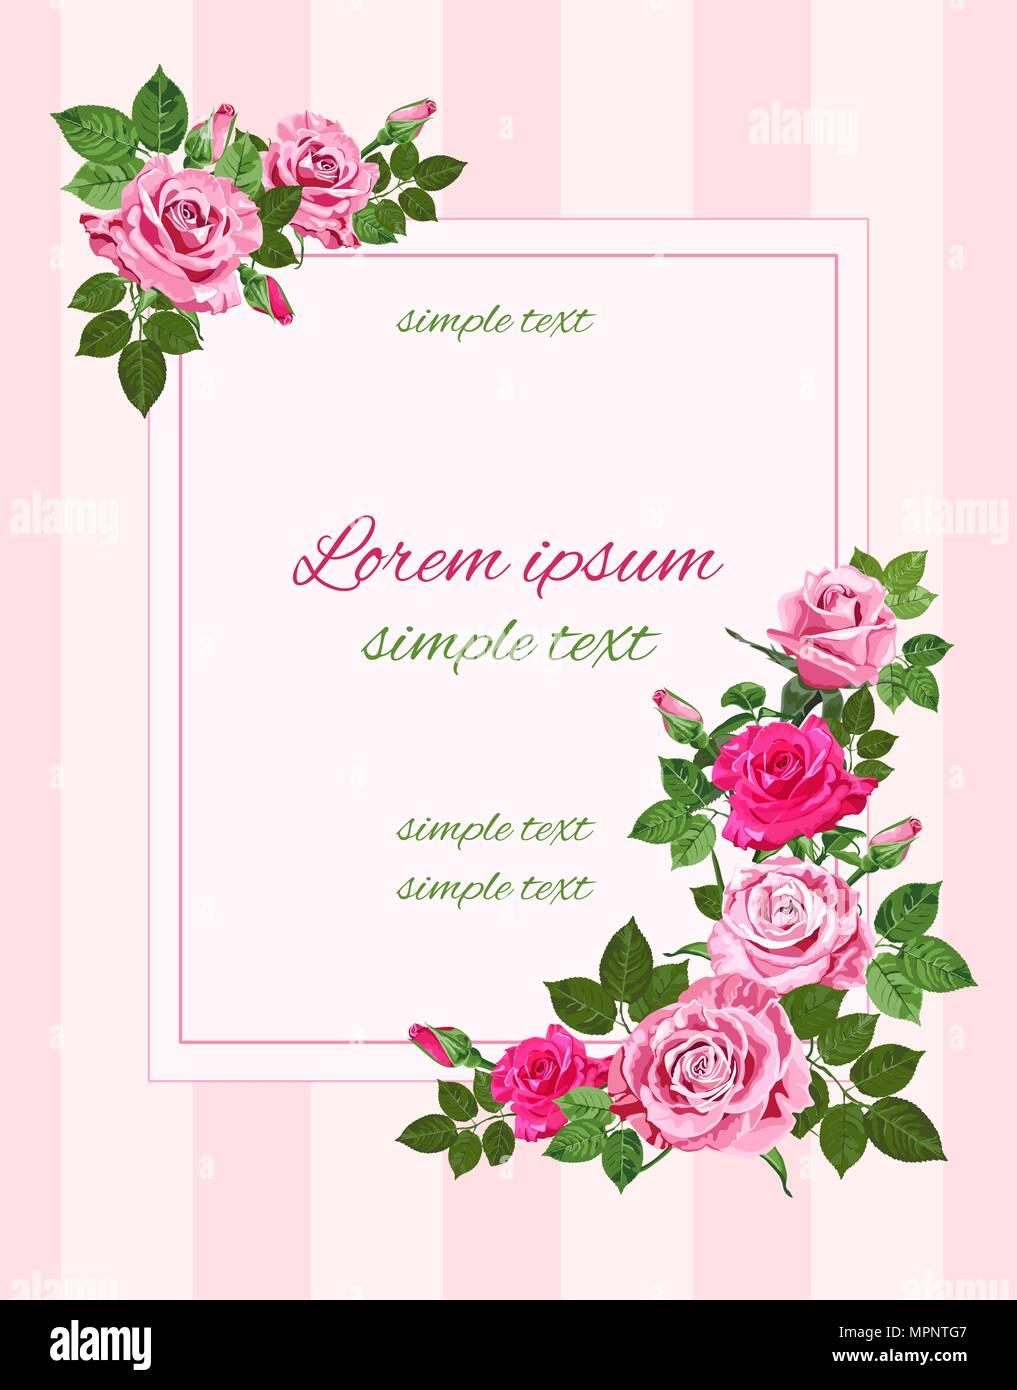 Vector Vintage Invitaciones De Boda Con Rosas Rosas En El